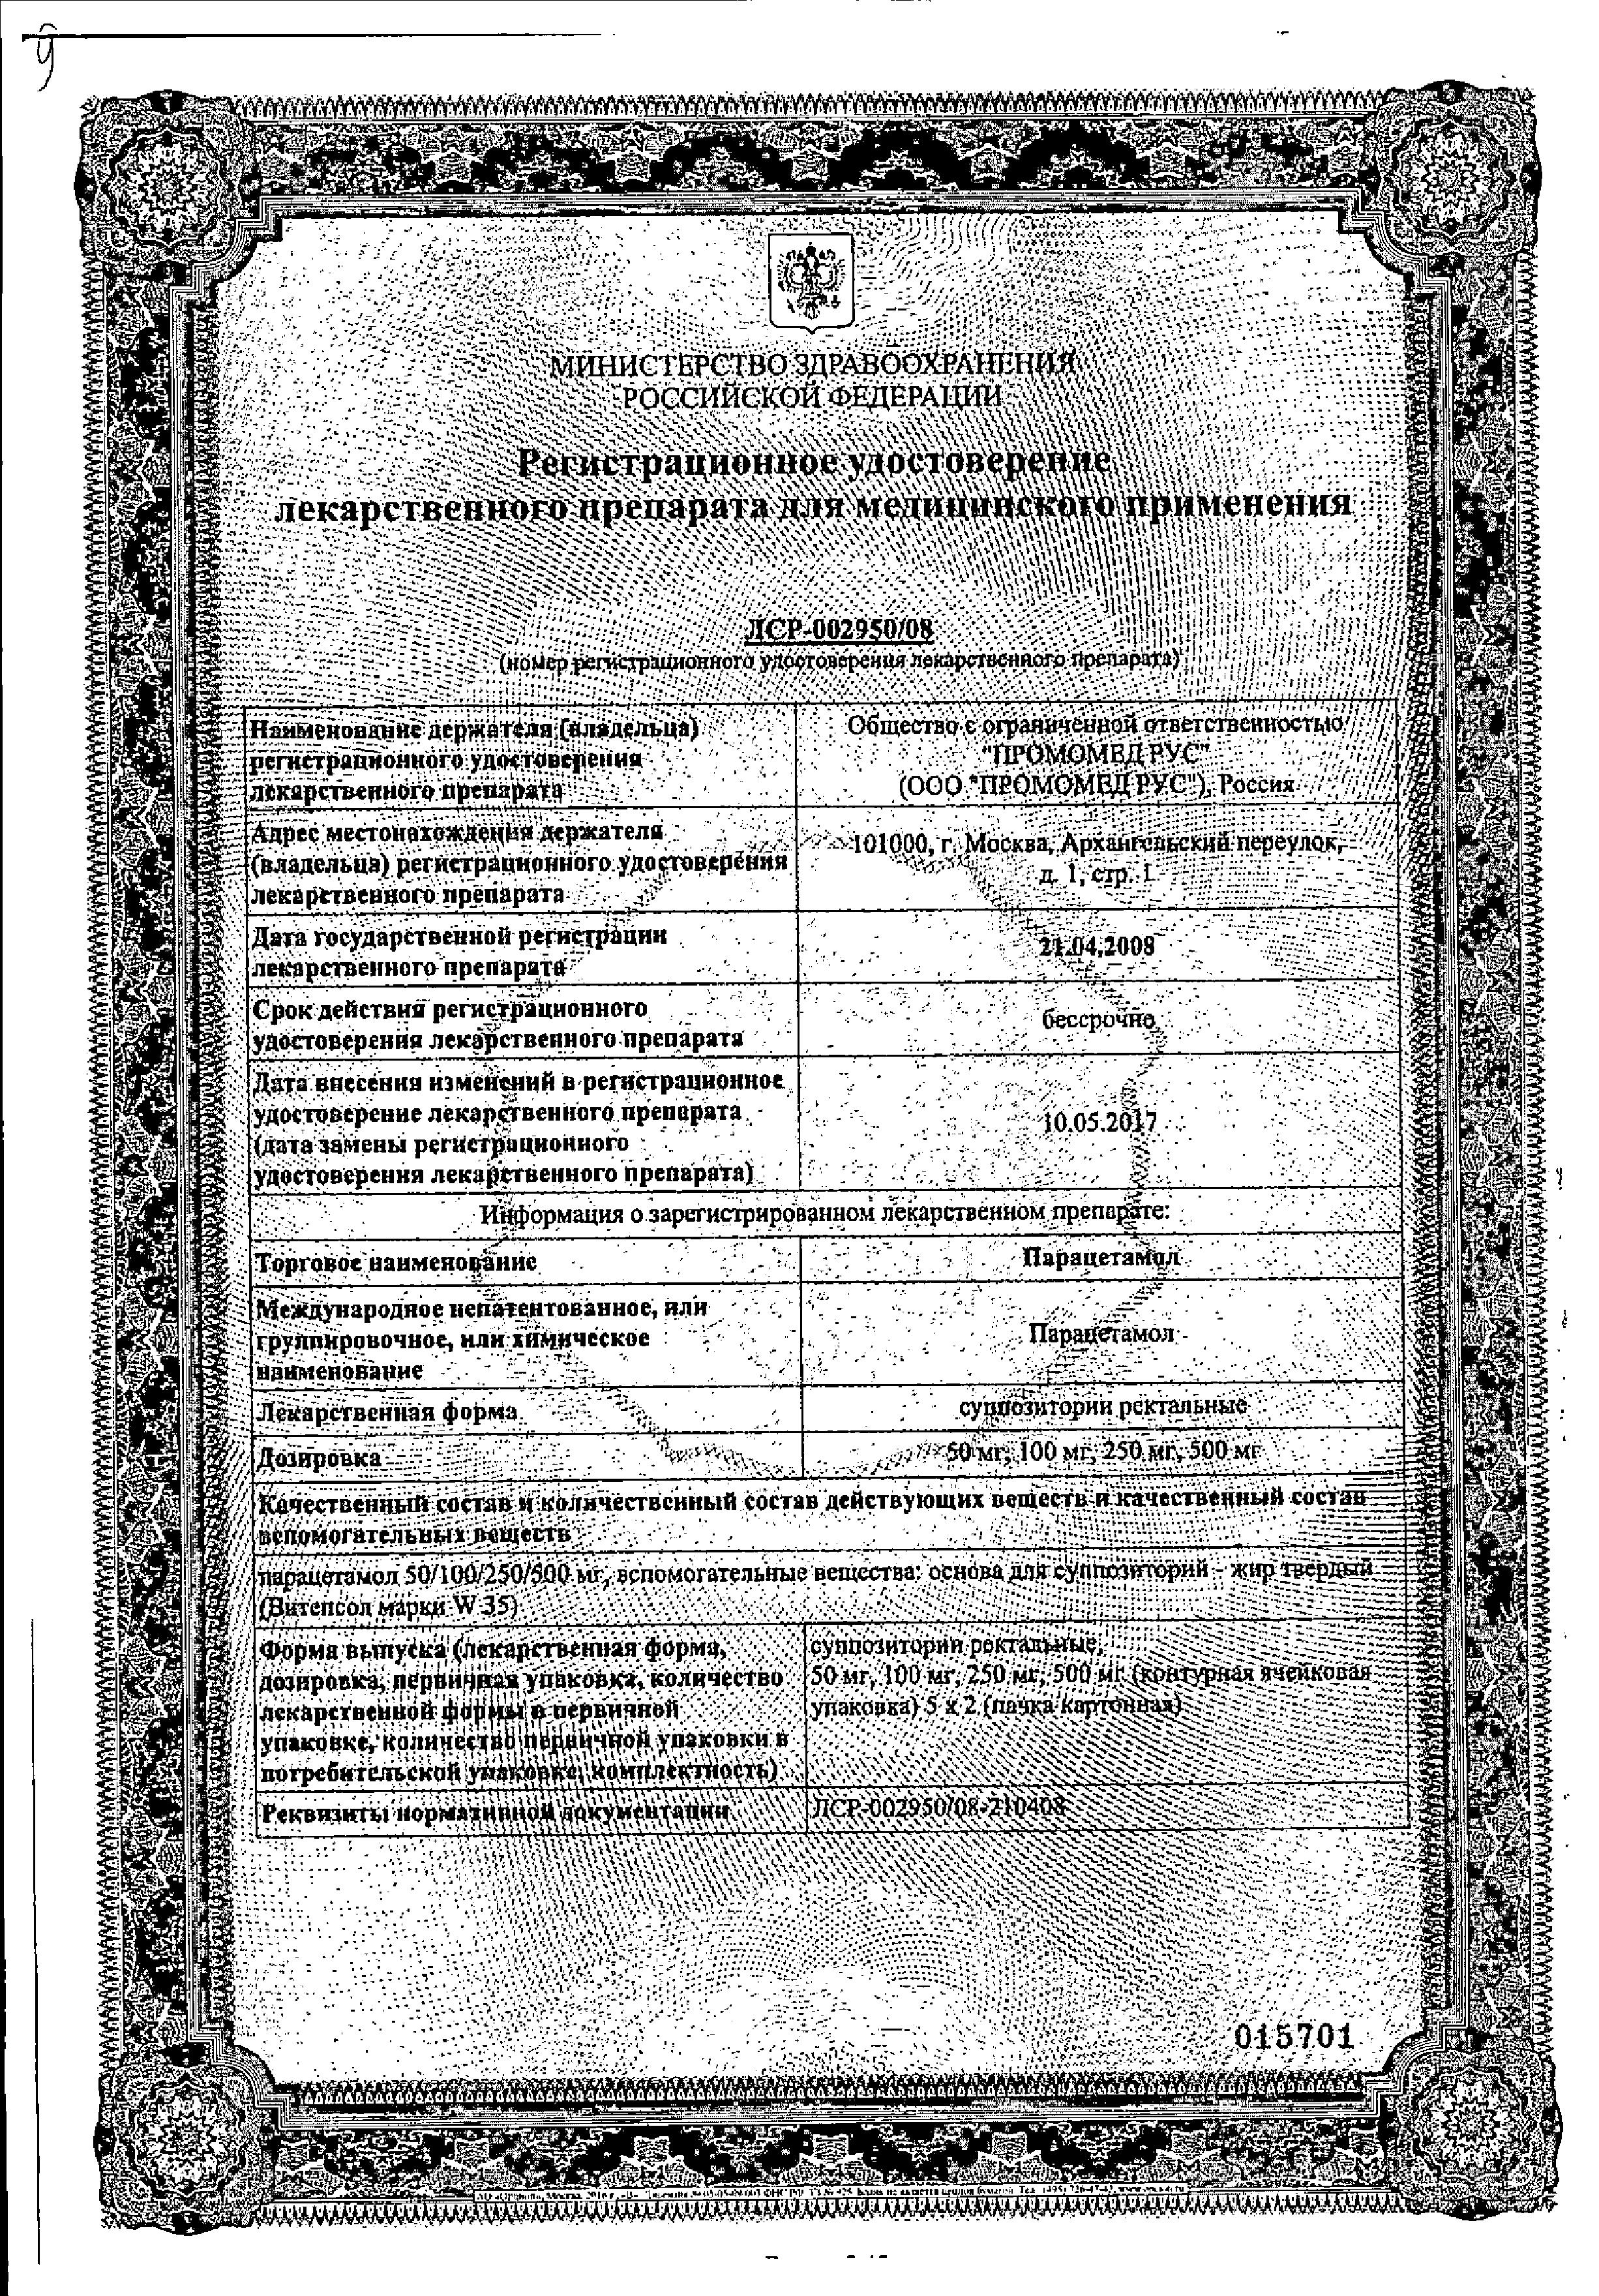 Парацетамол (свечи) сертификат